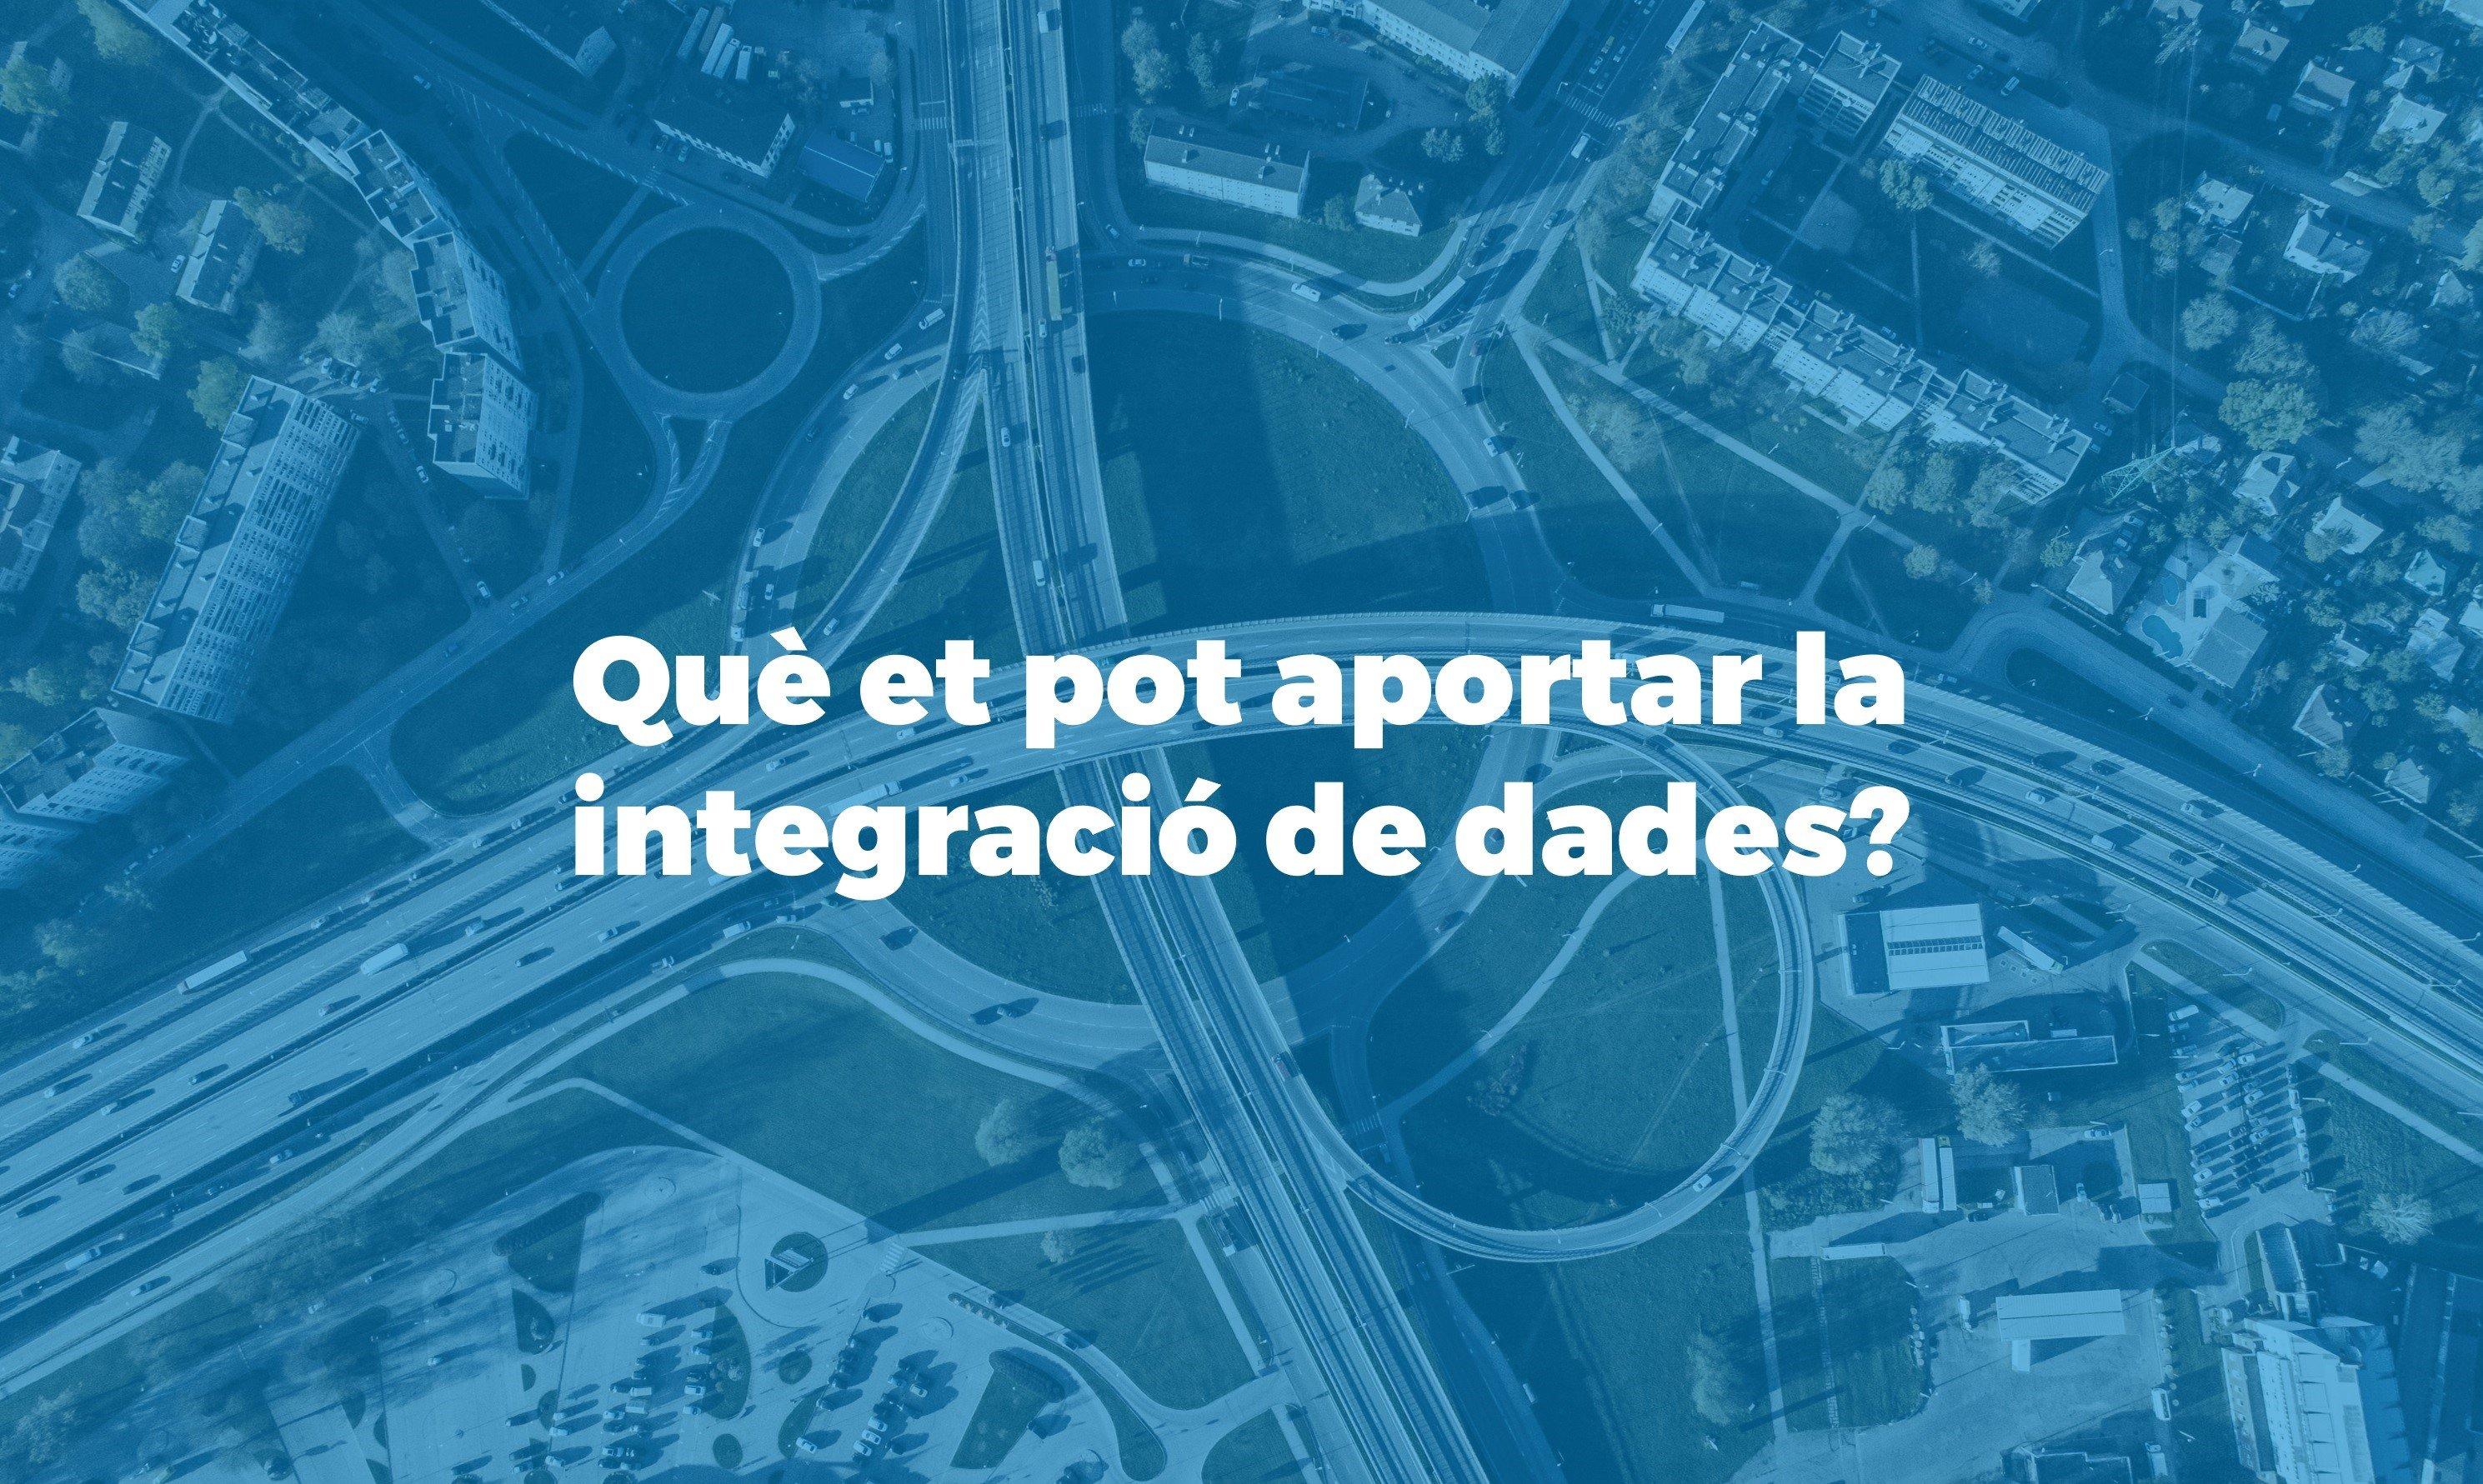 La importancia de la integracio de dades